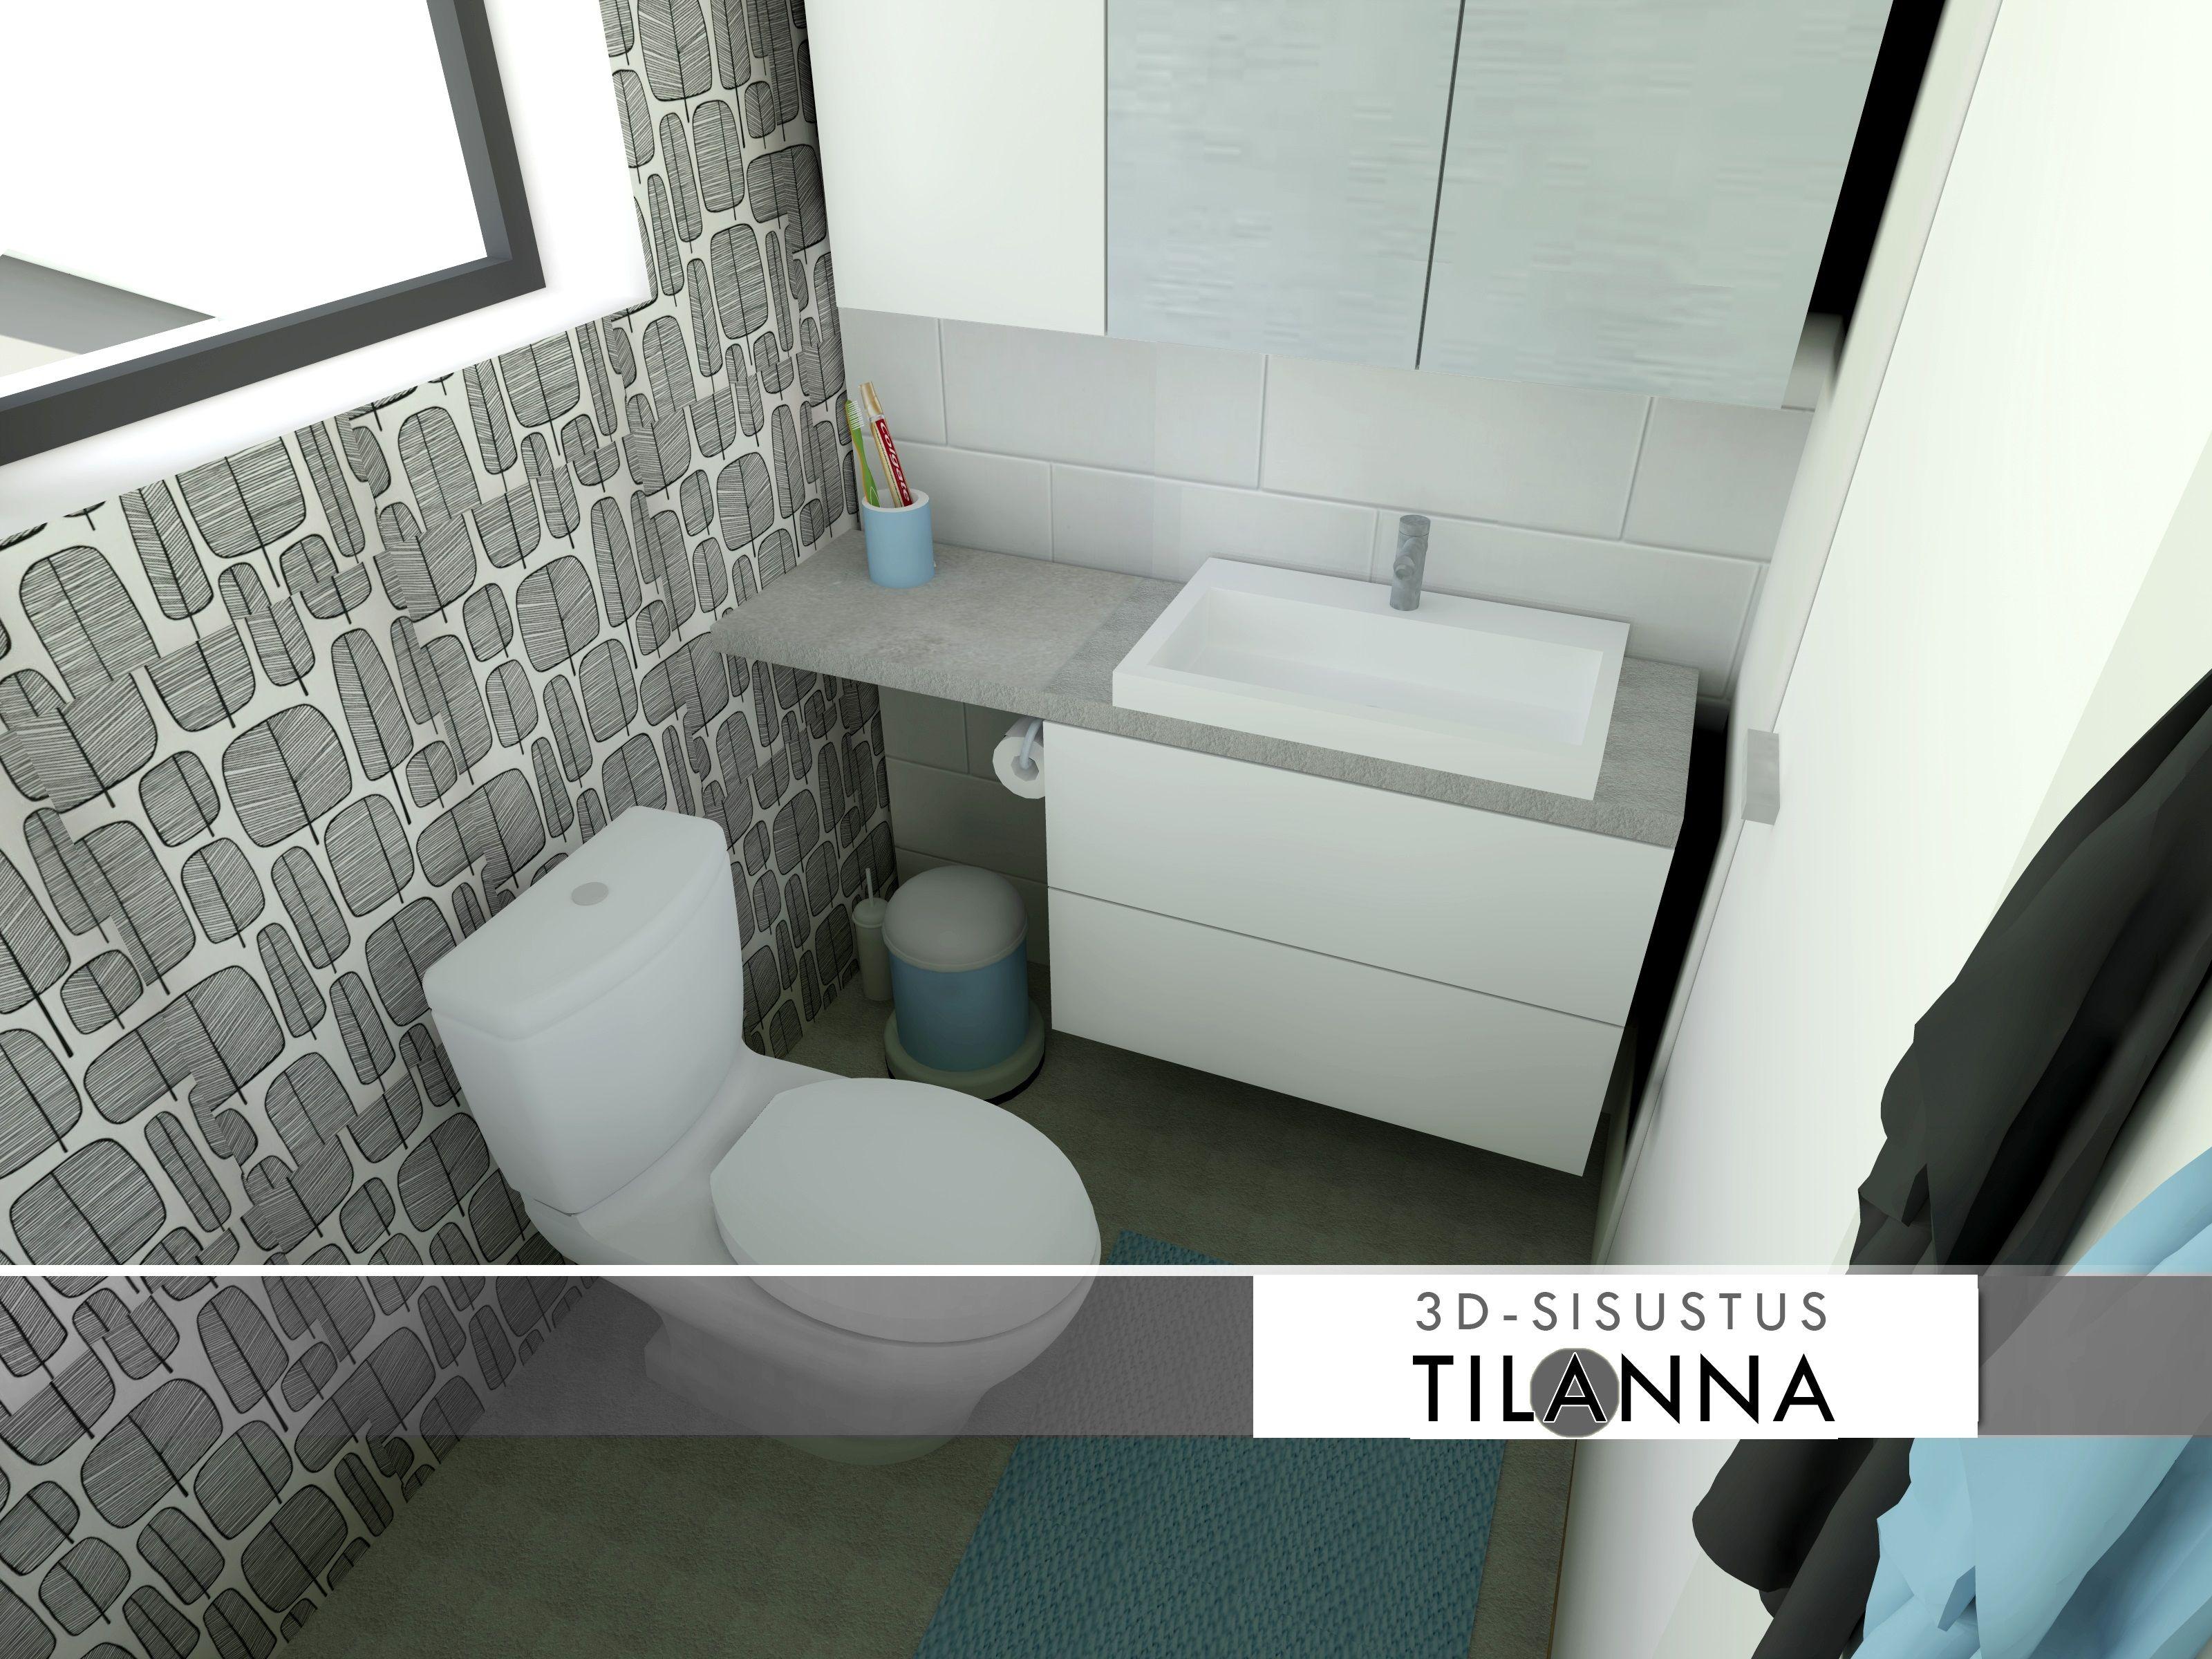 D Sisustussuunnittelu  Lasten Wc Seinällä Mustavalkoinen - White toilet with black seat